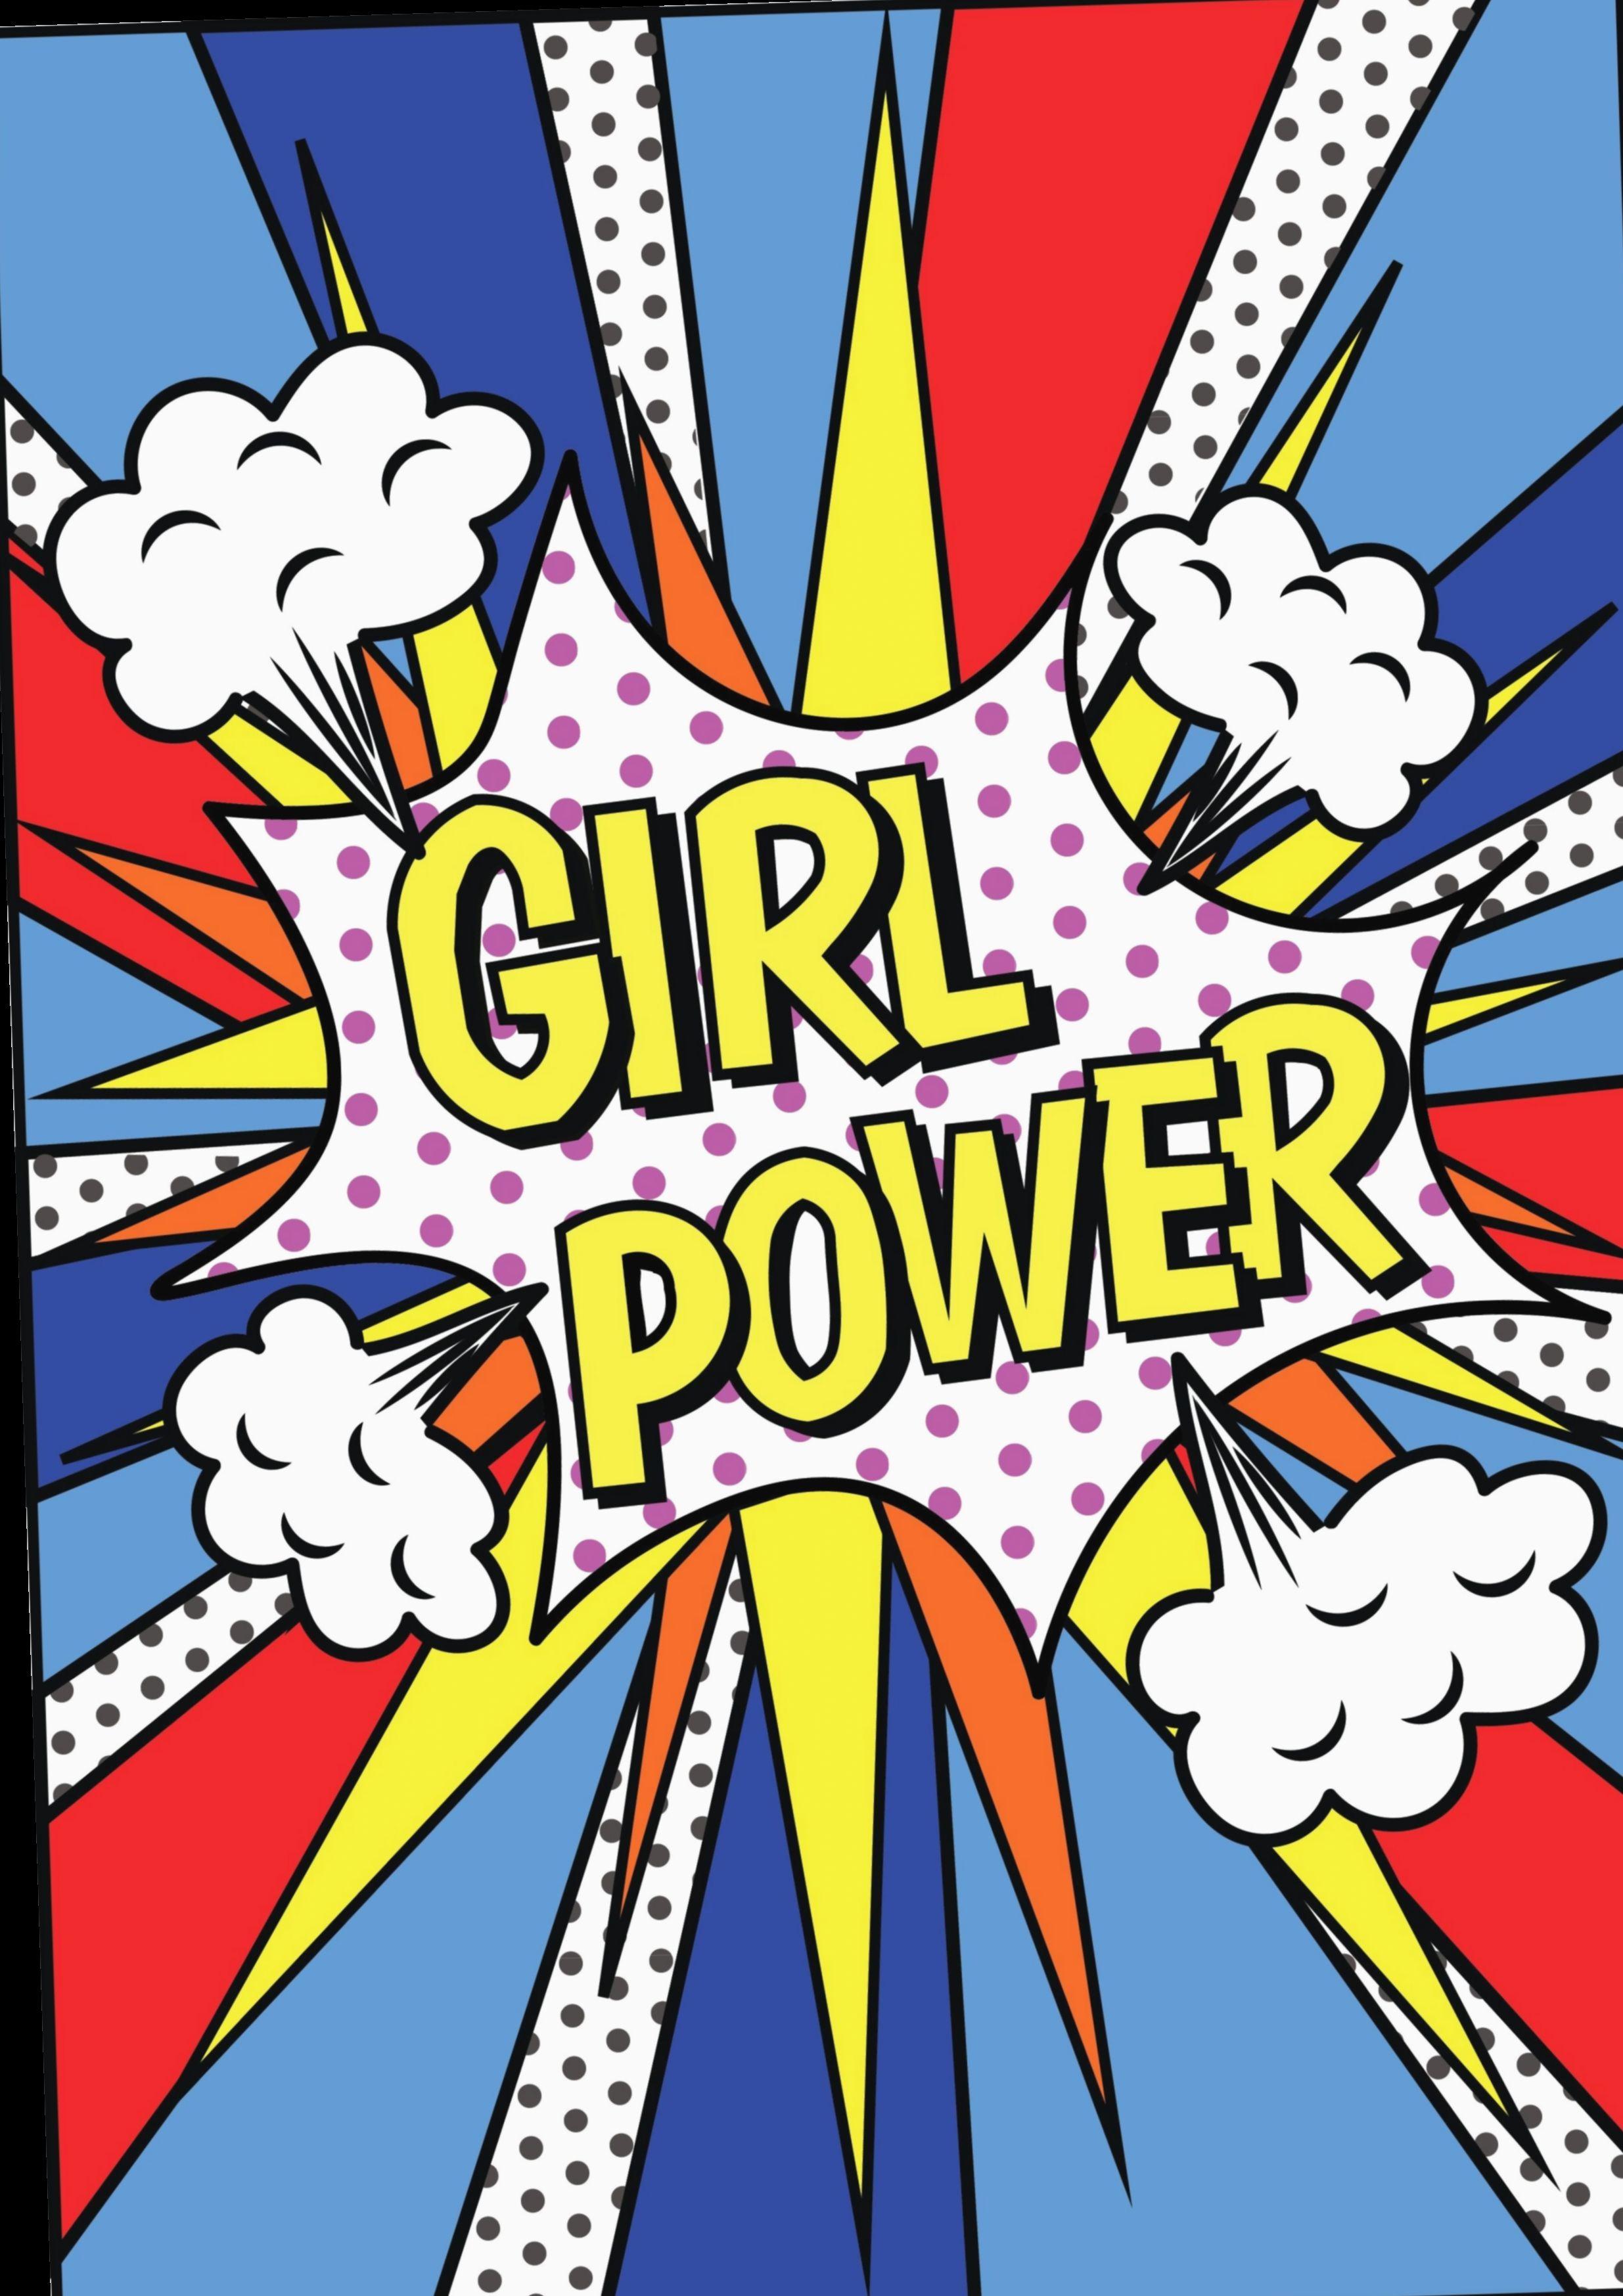 17 Wallpaper Art Pop Illustrations Poster Con Illustrazioni Fumetti Pop Art Disegni Di Sfondi